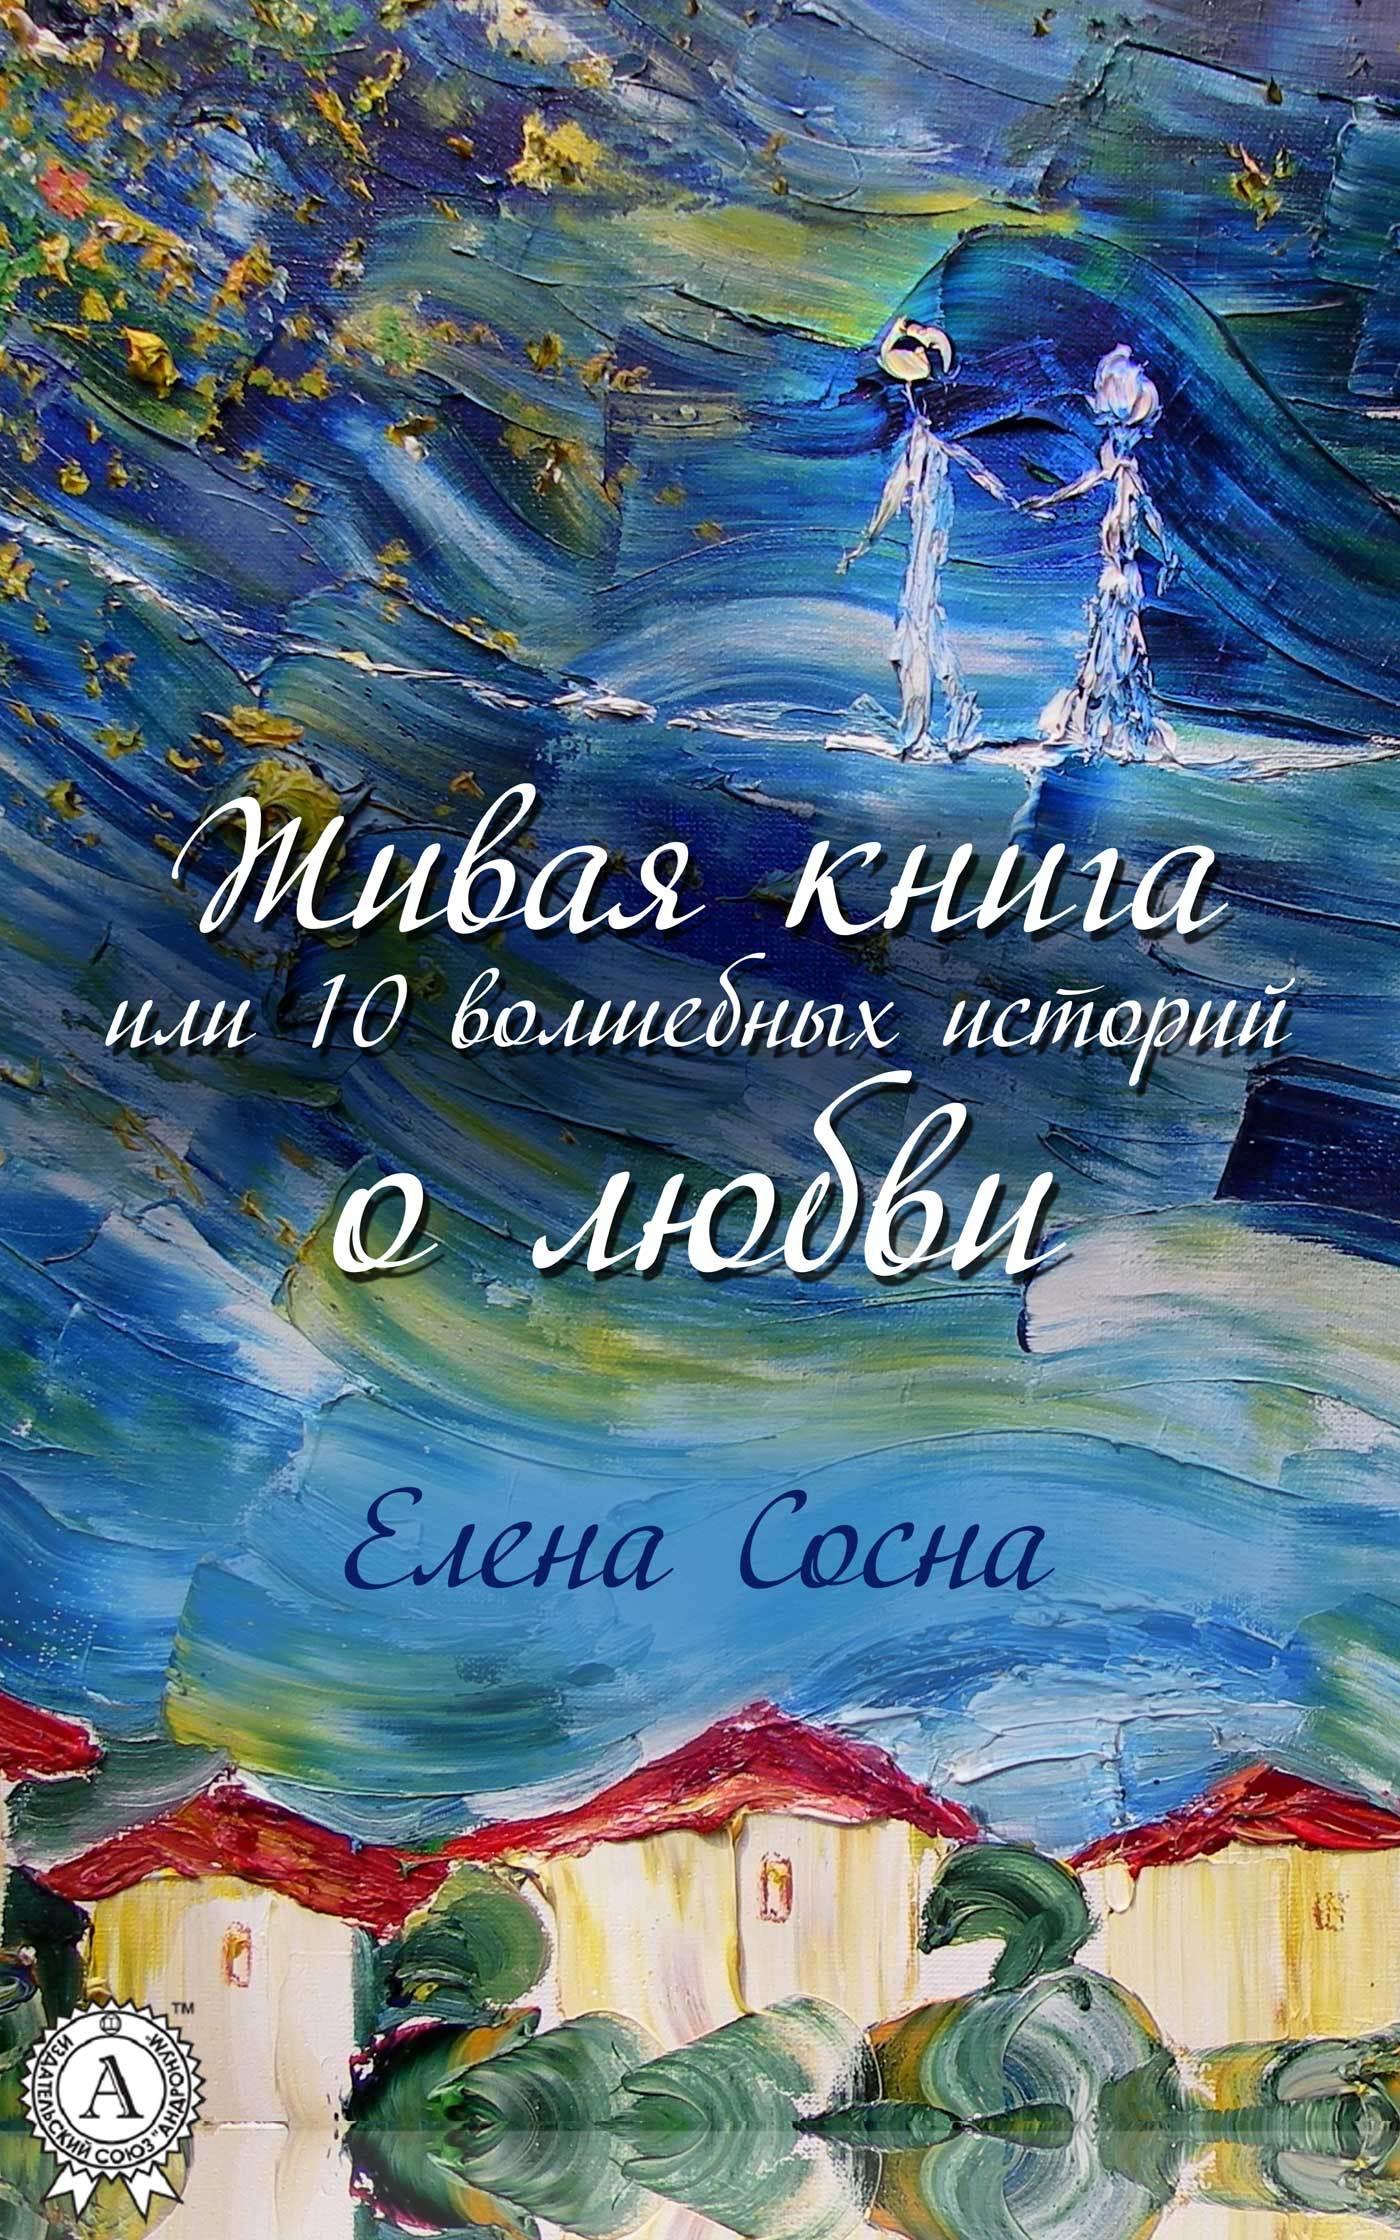 Елена Сосна Живая книга, или 10 волшебных историй о любви евгения шагурова 10 красивых историй о любви